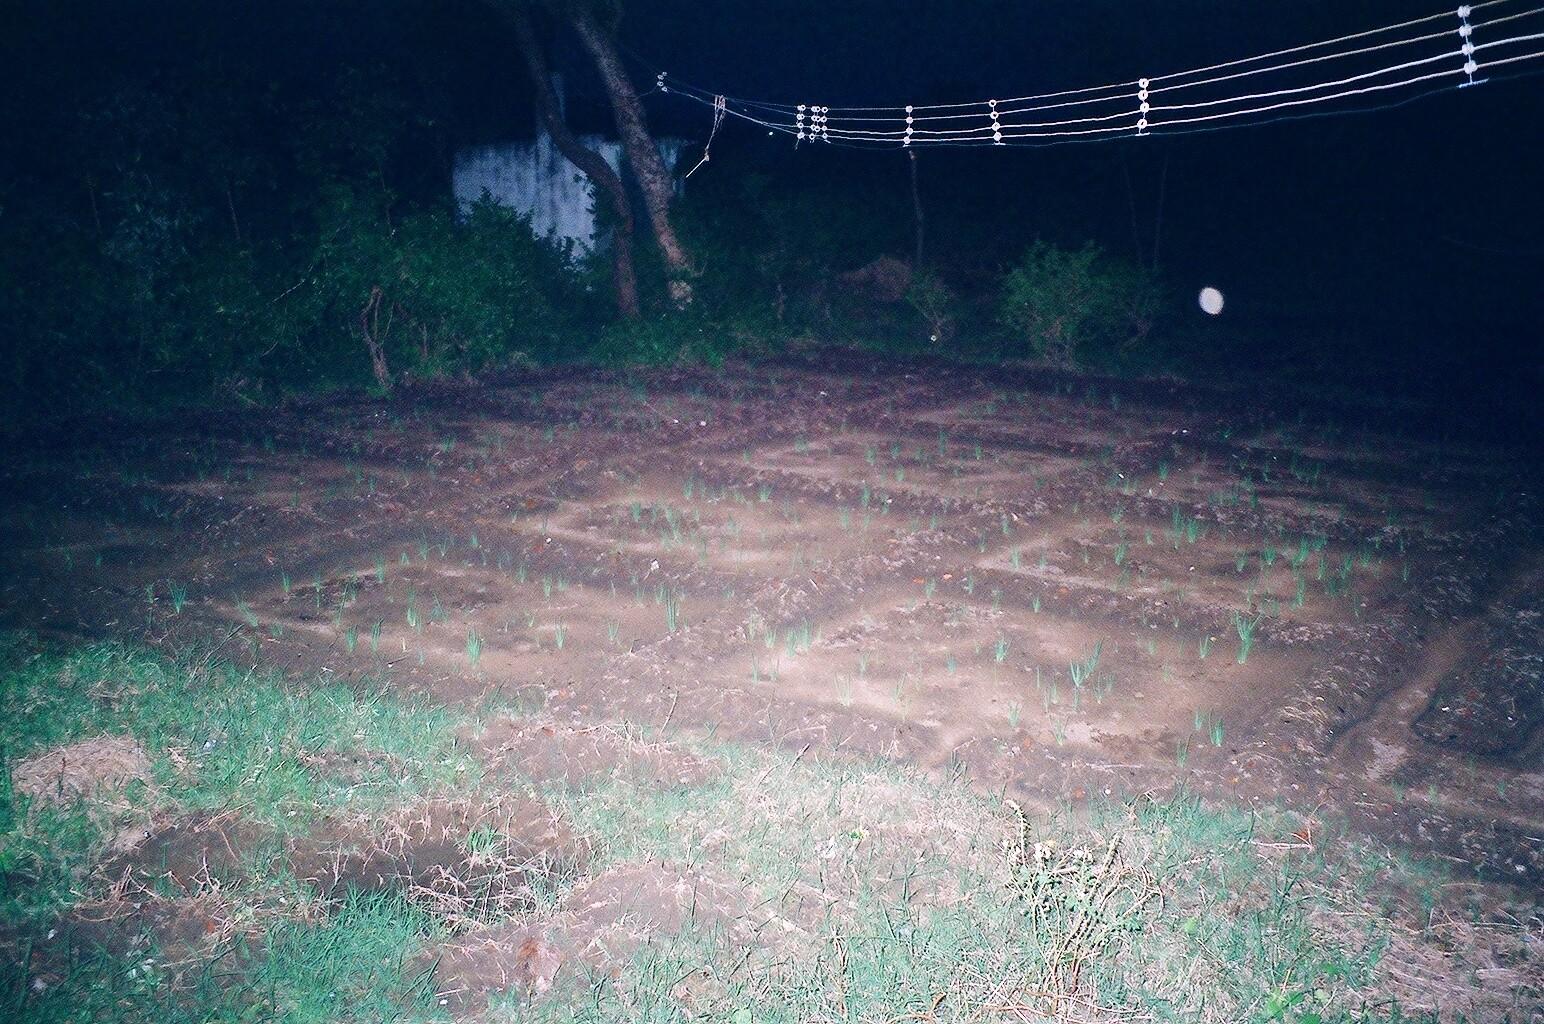 Décembre 2005 - Le champ d'oignons de Idithangi Mariamman est à nouveau inondé